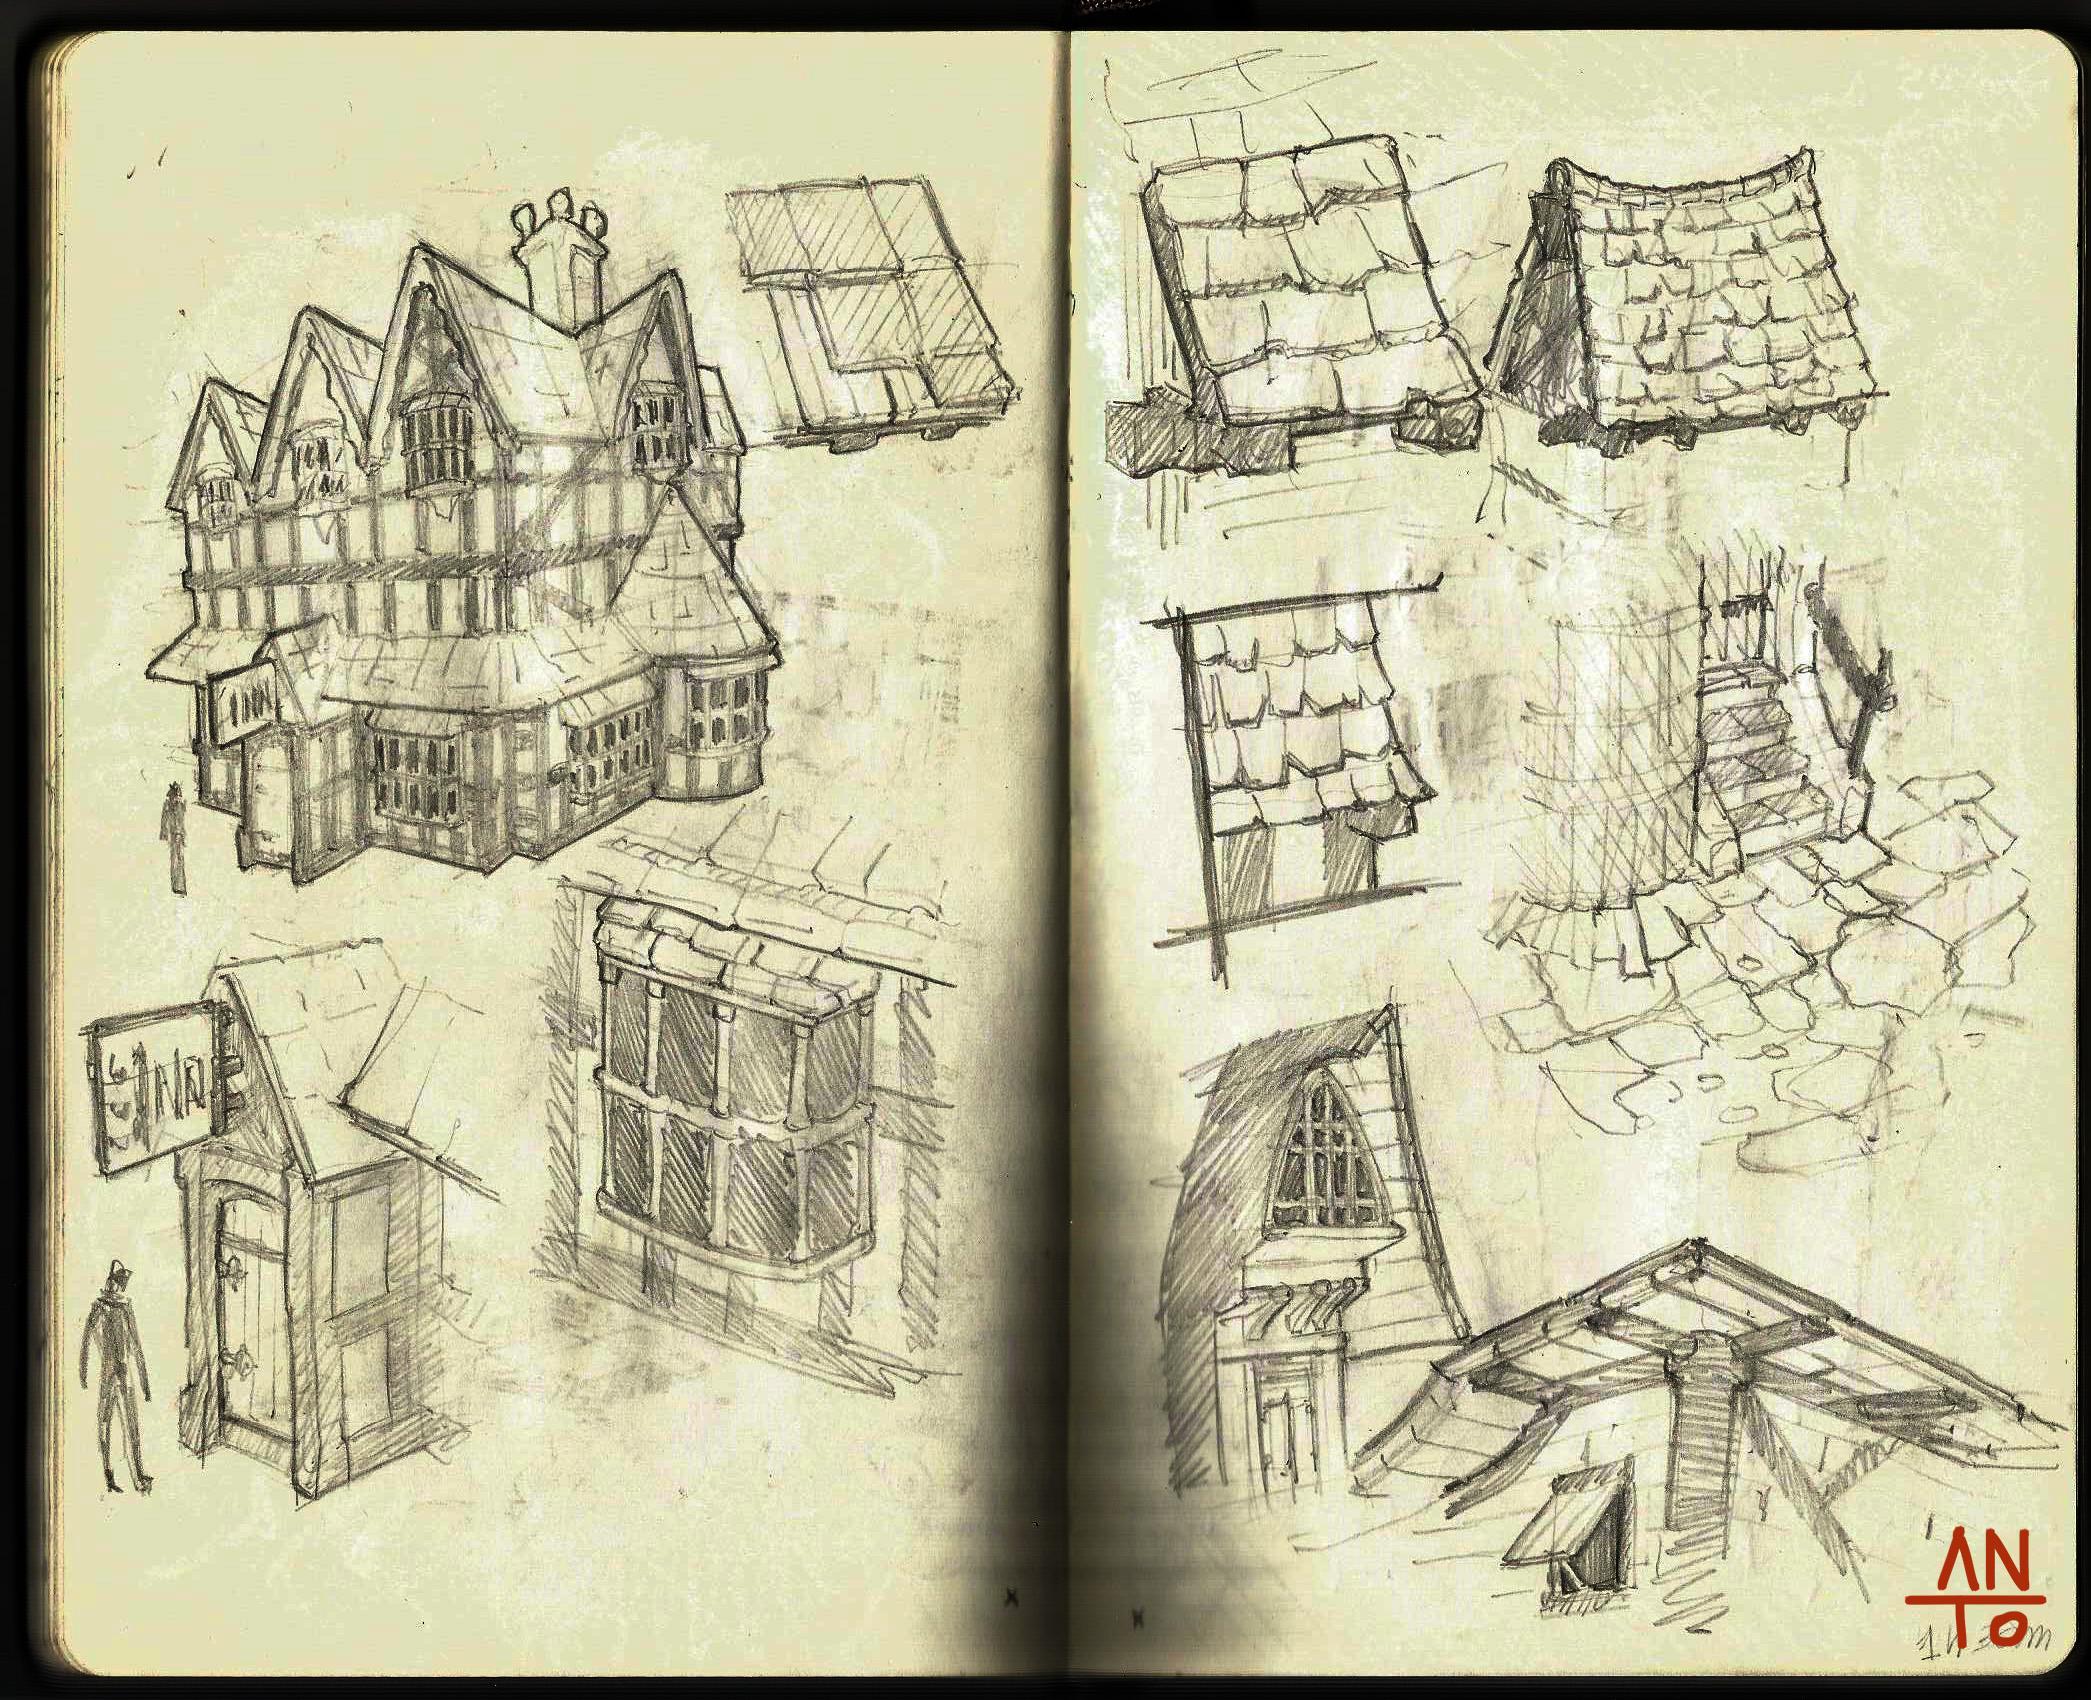 Inn fantasy concepts